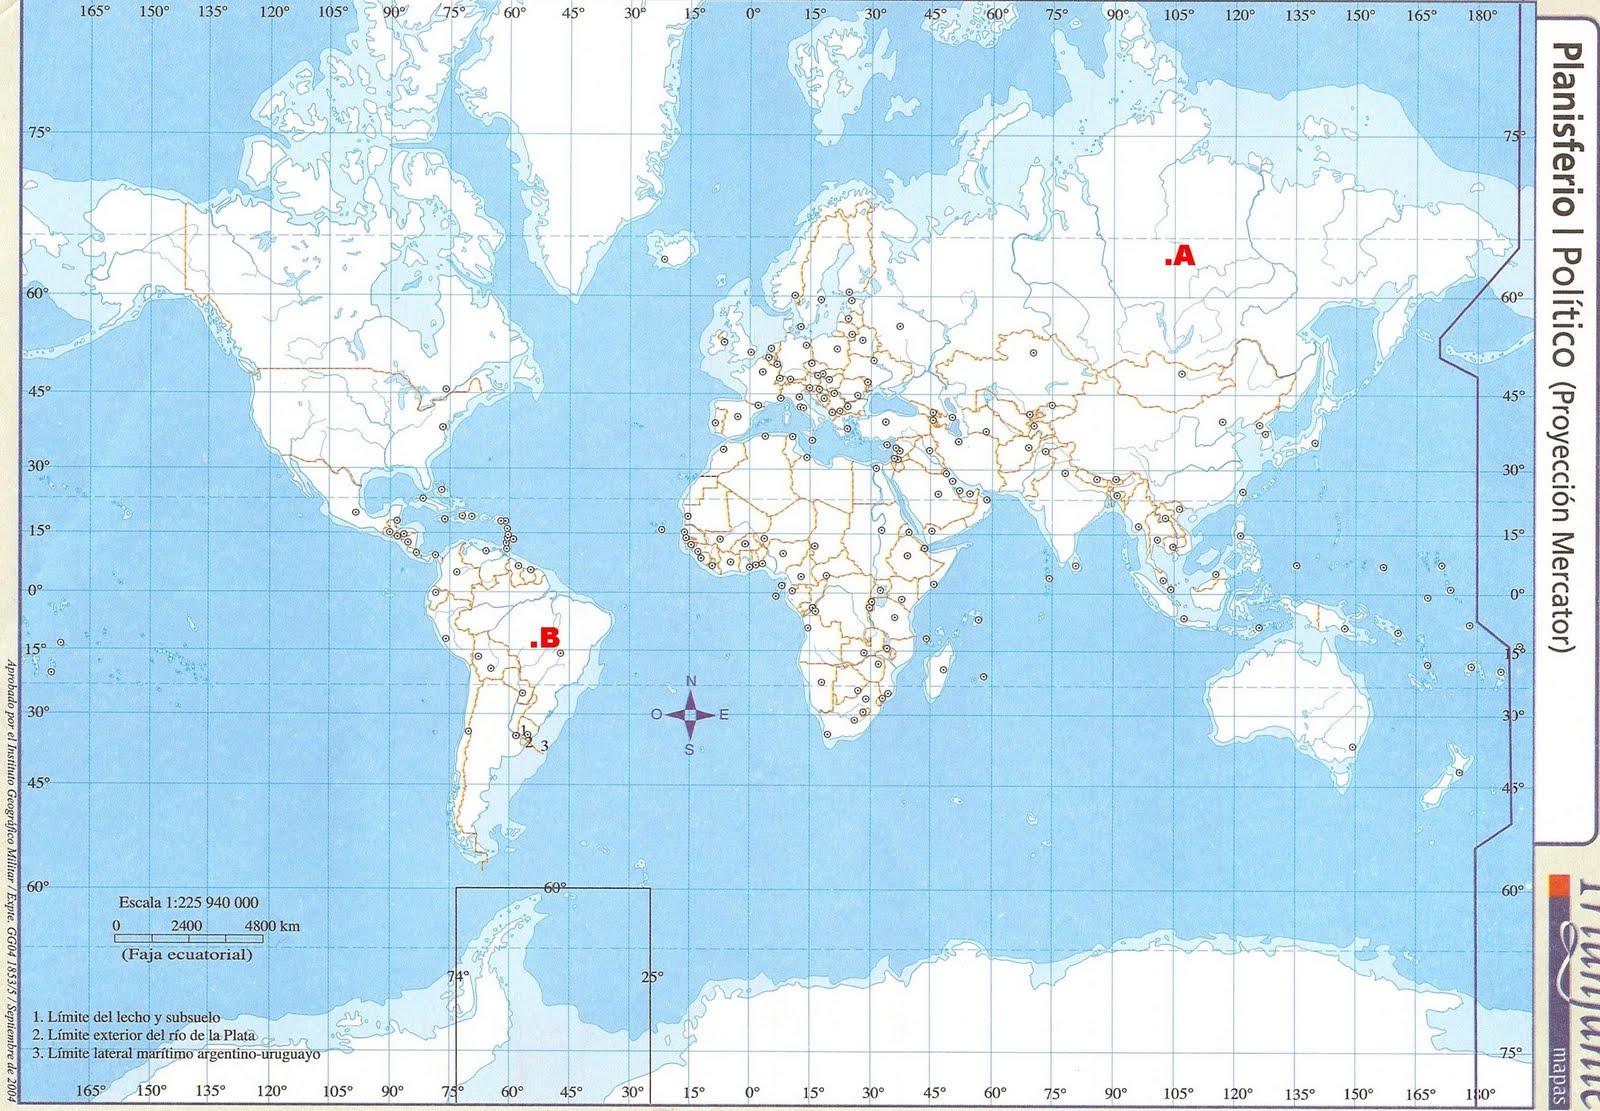 Pin Planisferio Para Colorear Trabajamos Con El Pelautscom on ...